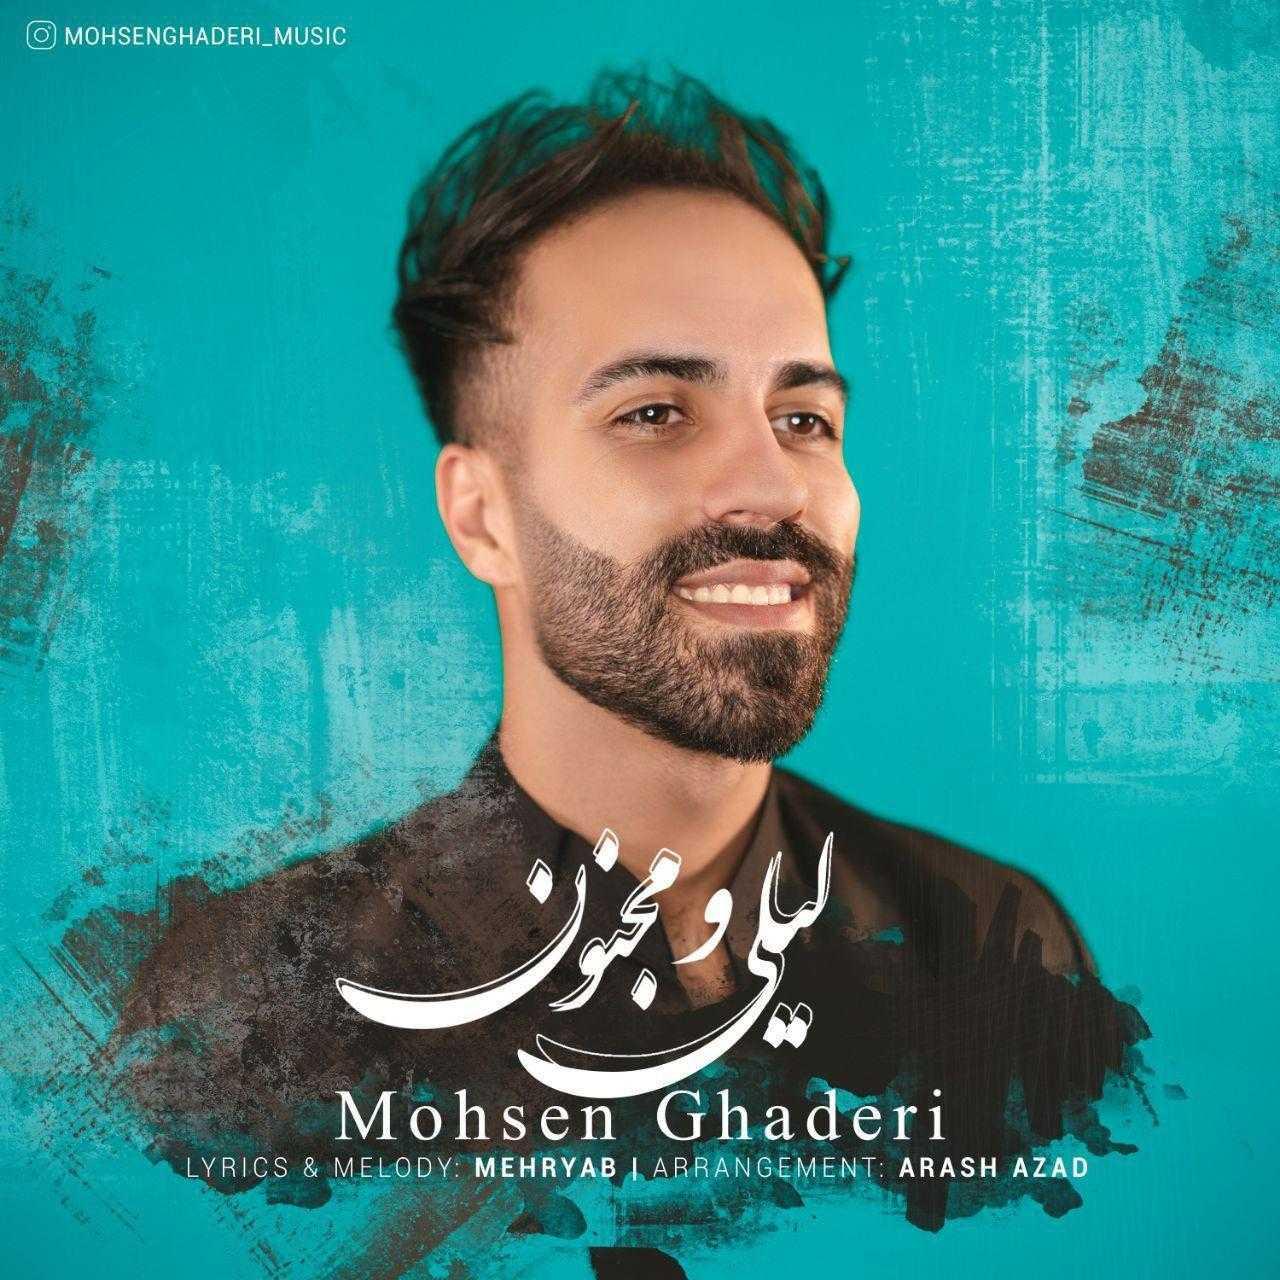 دانلود آهنگ جدید محسن قادری به نام لیلی و مجنون